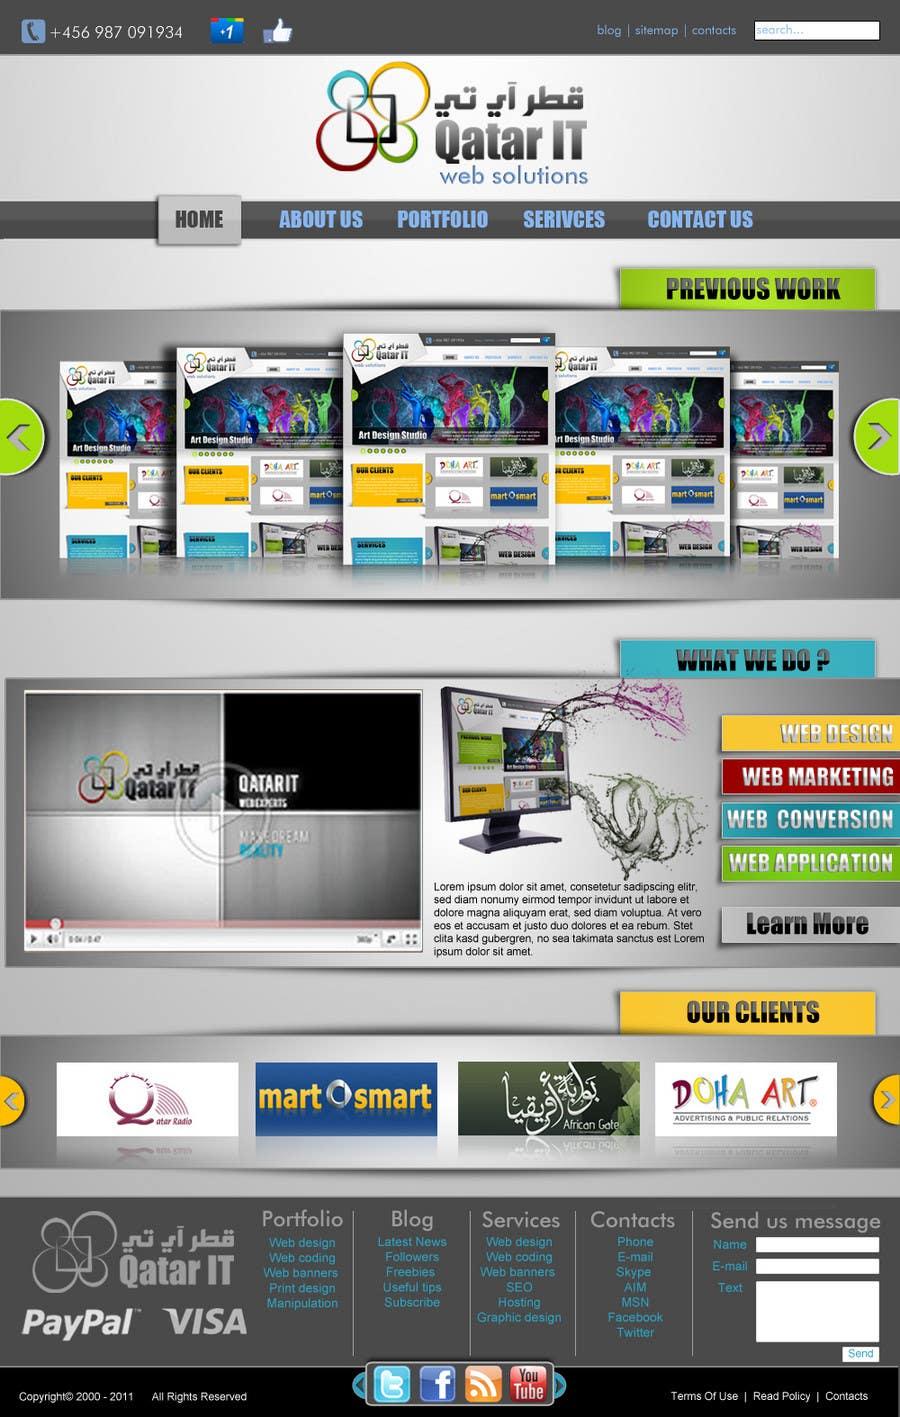 Inscrição nº                                         66                                      do Concurso para                                         Website Design for Qatar IT